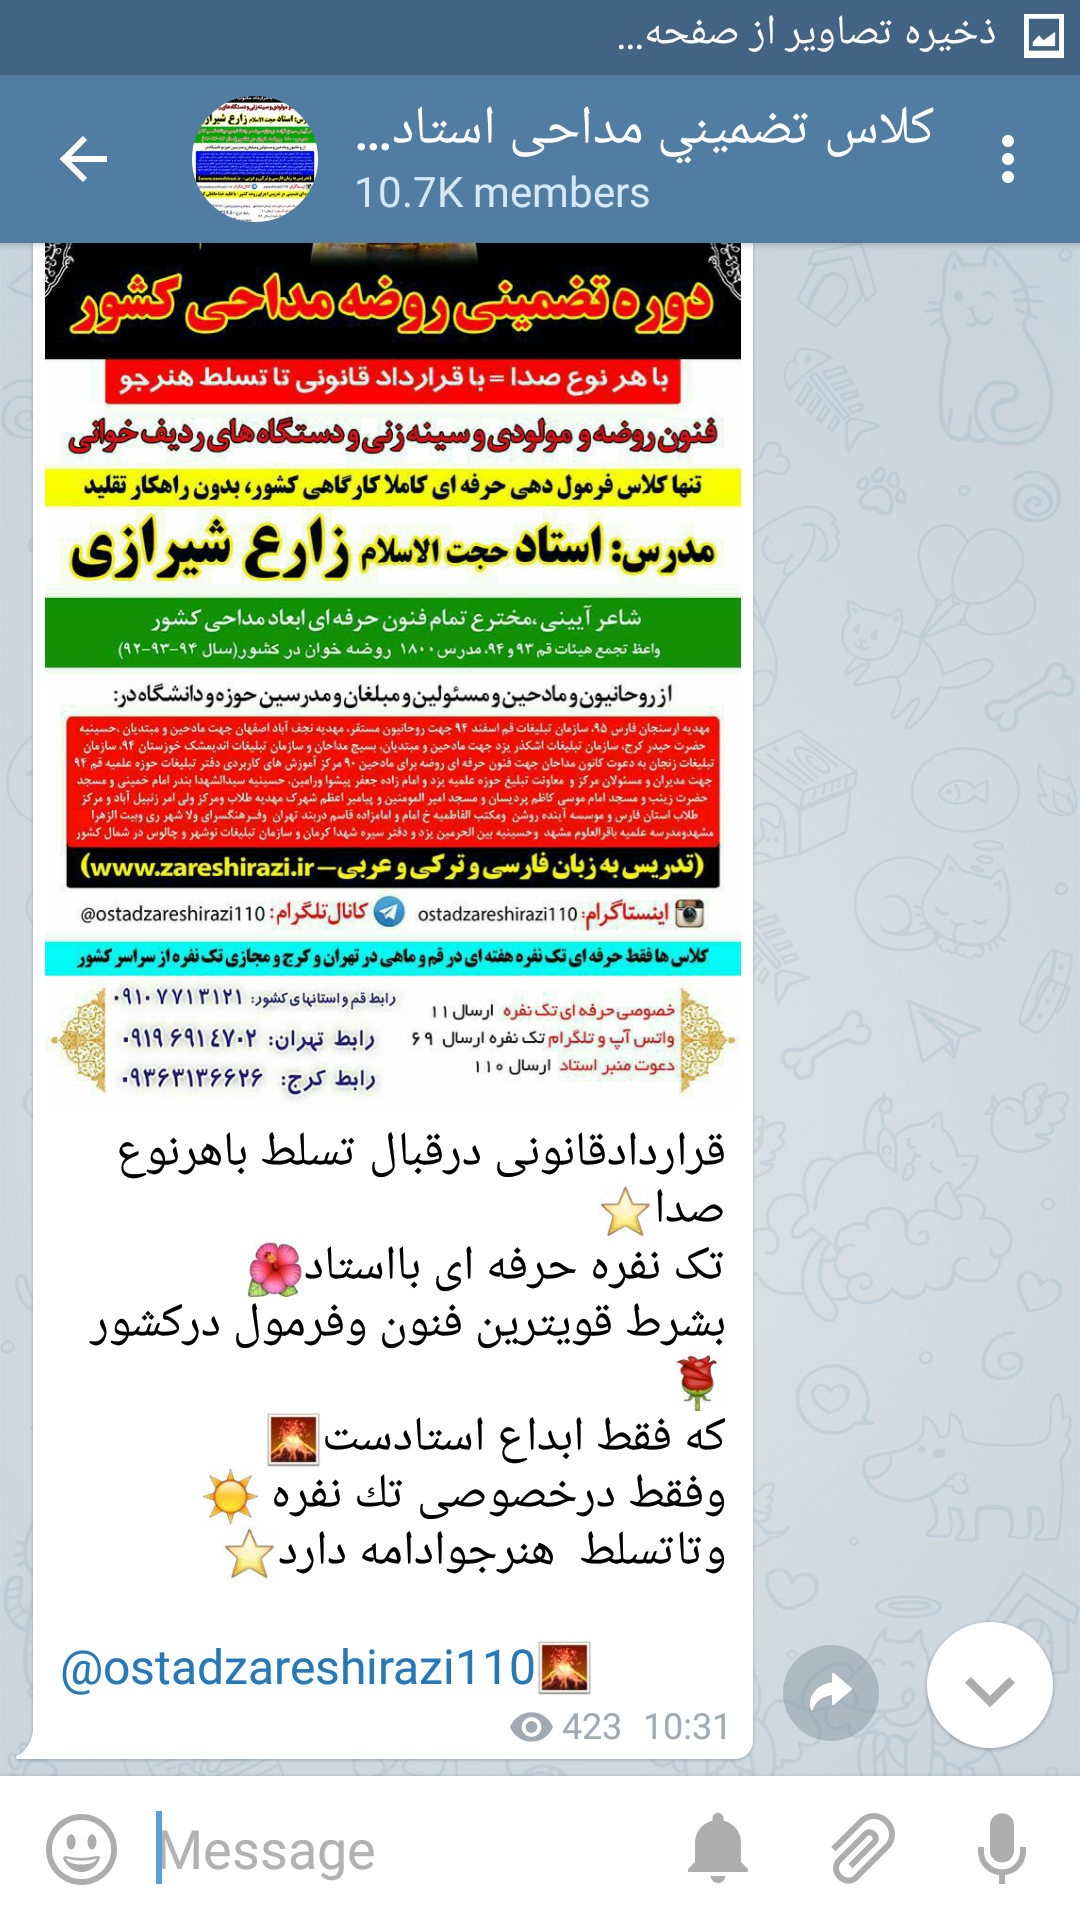 کانال تلگرام استاد جهت عضویت                      ostadzareshirazi110@